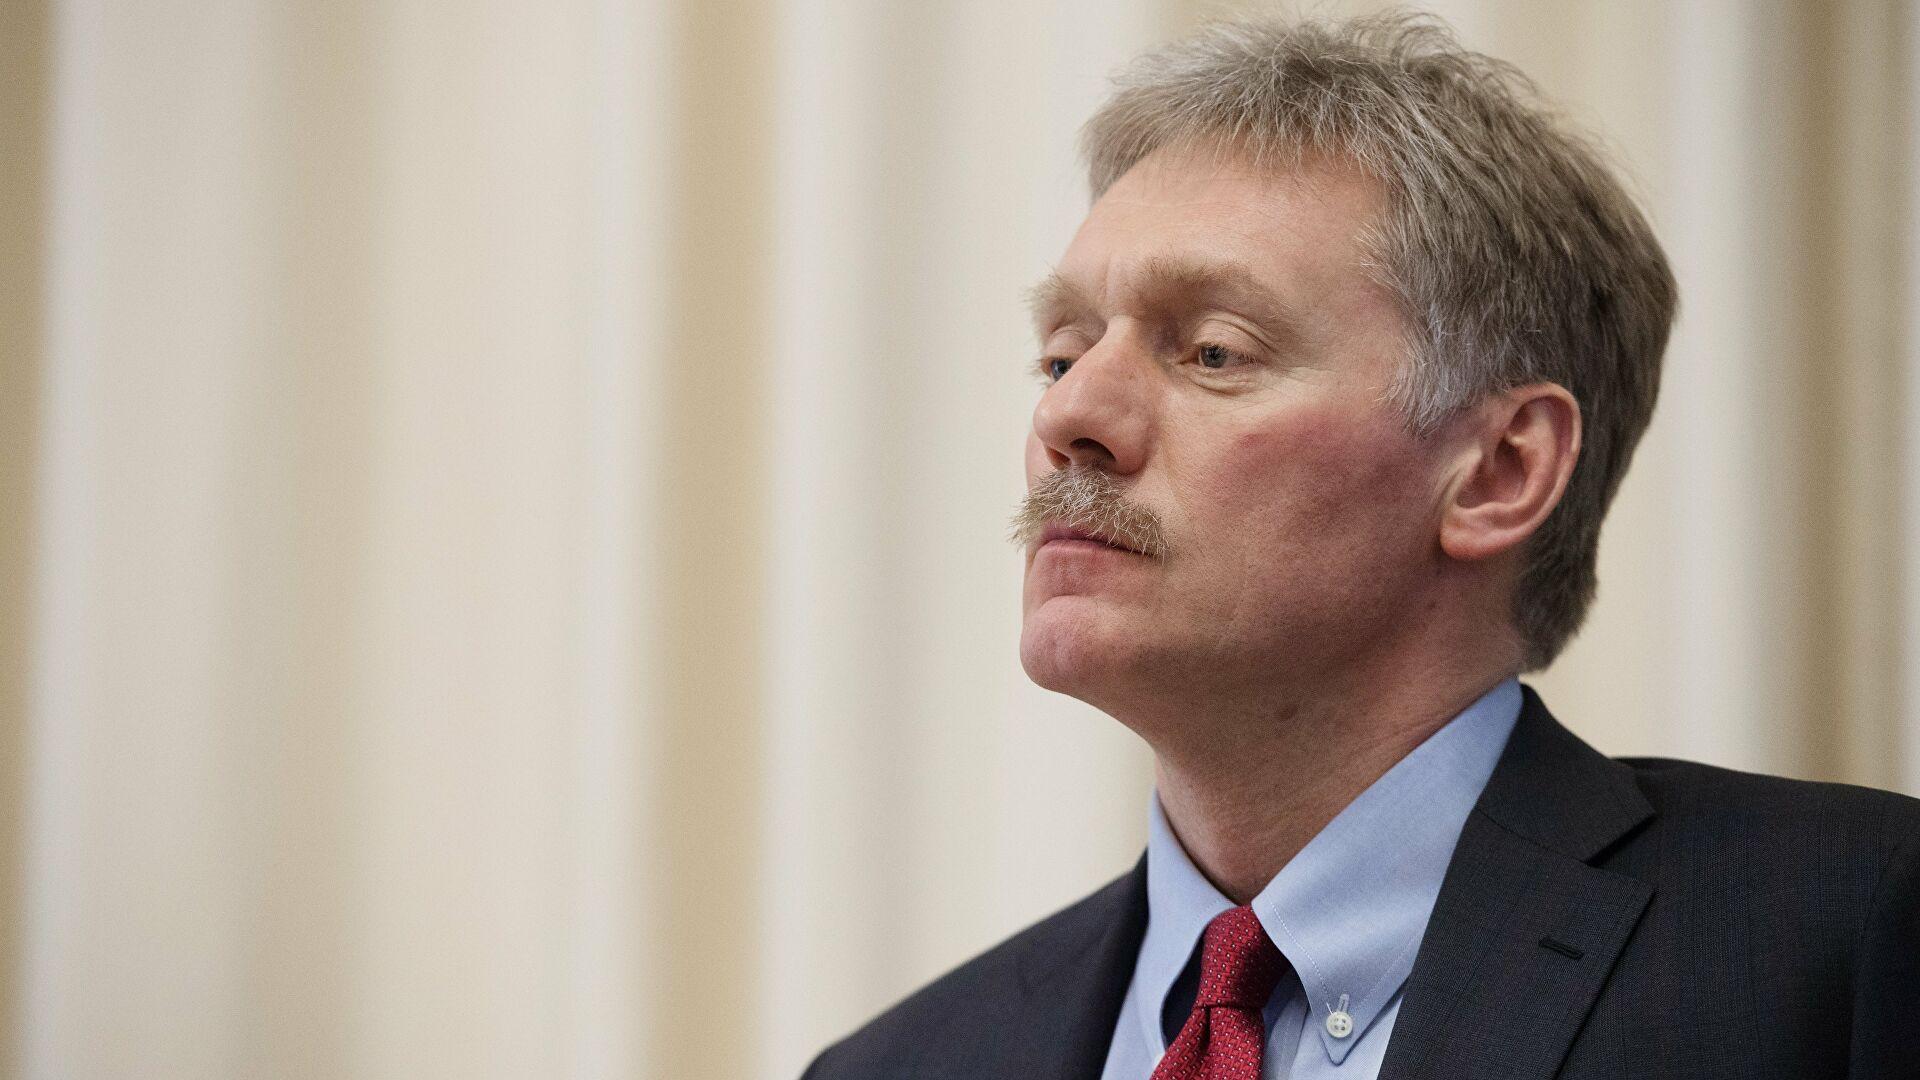 Peskov: Moskva visoko ceni samu činjenicu dolaska ministara spoljnih poslova Jermenije i Azerbejdžana u Rusiju i posao koji su uradili